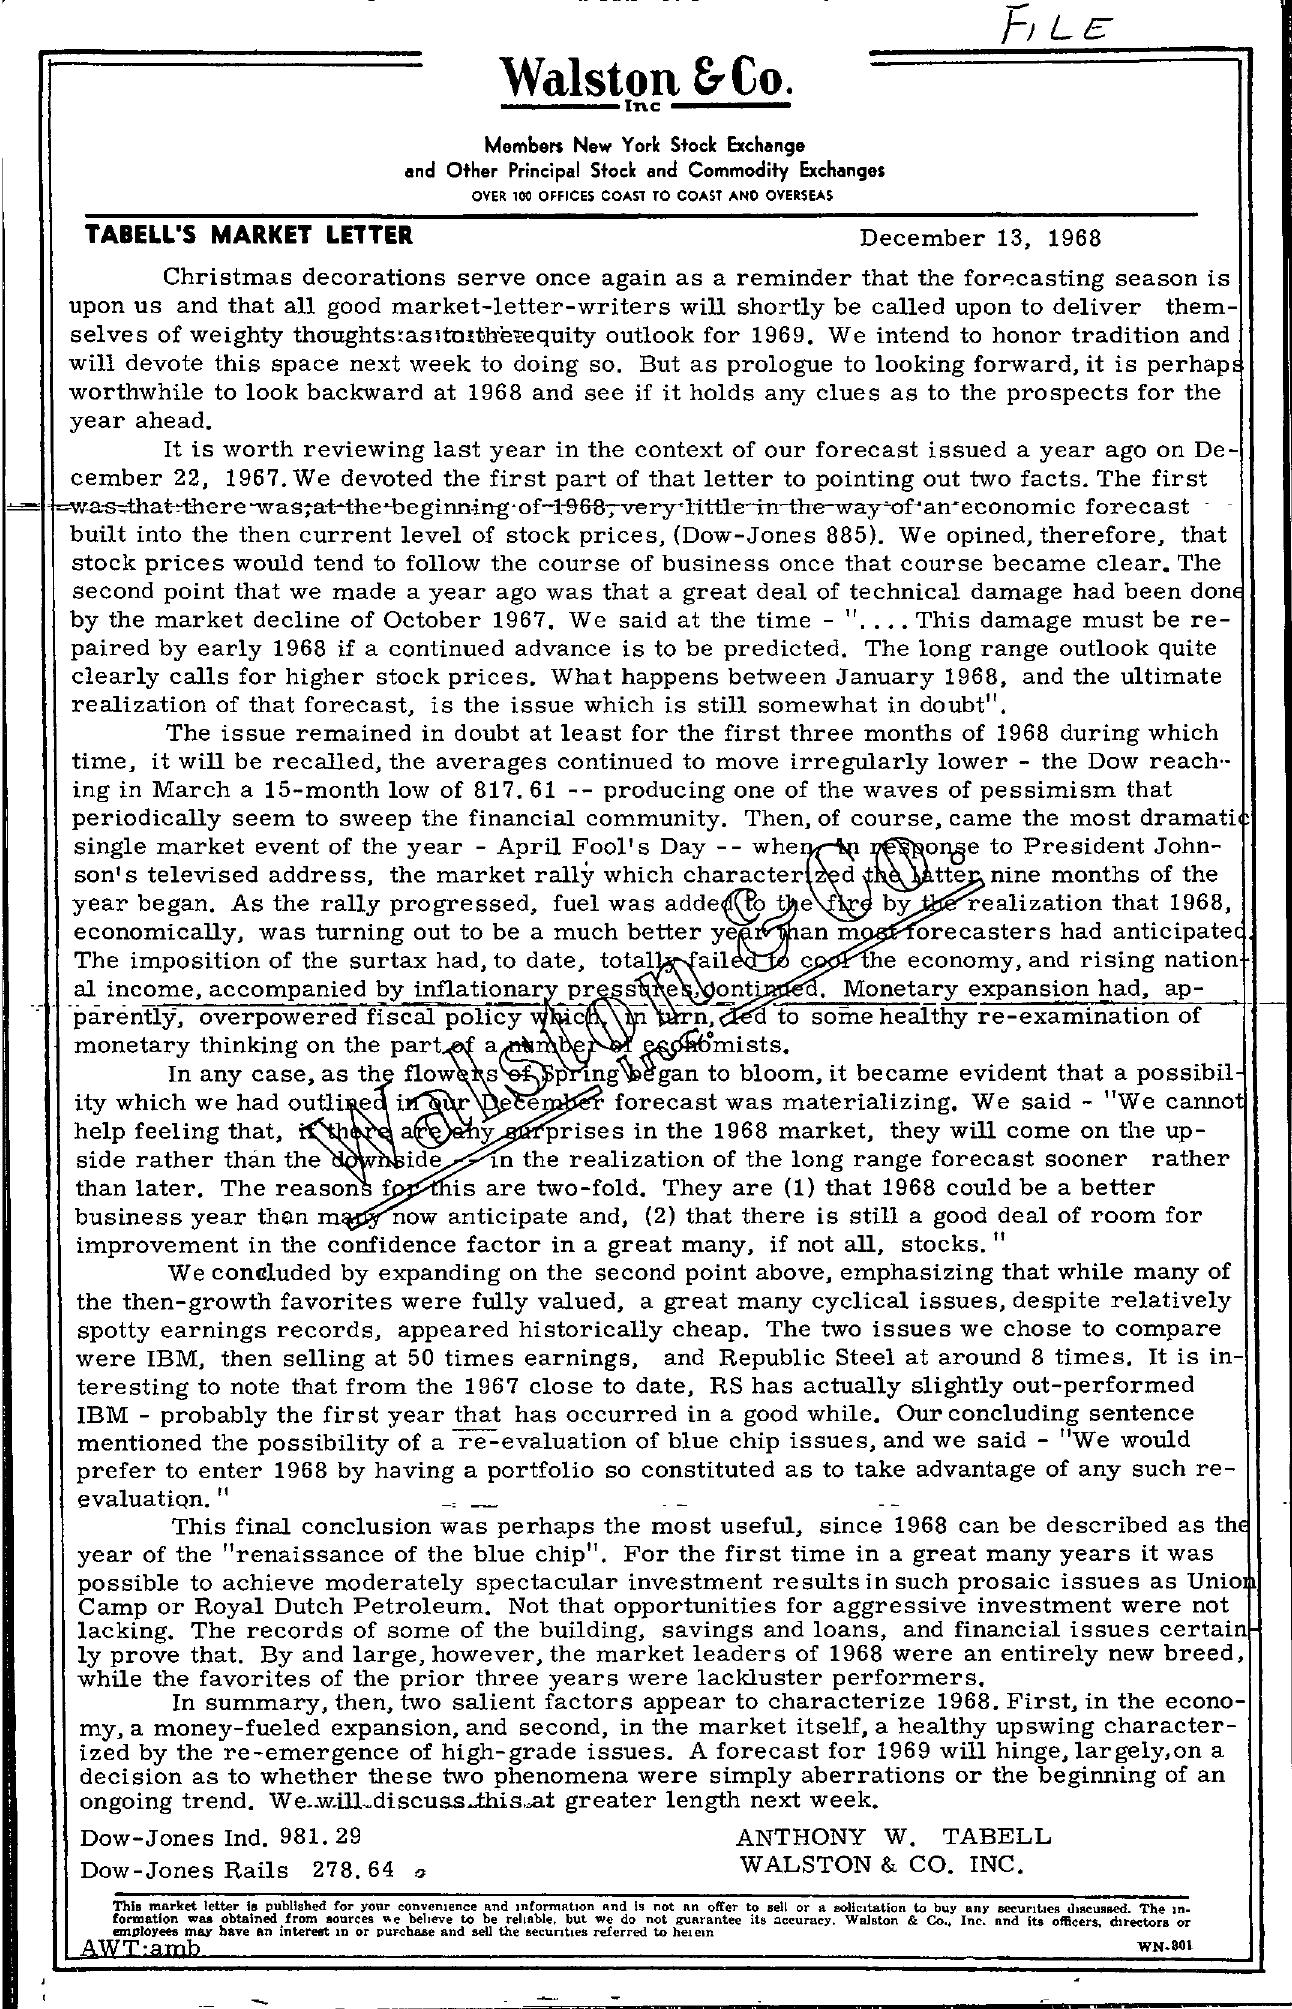 Tabell's Market Letter - December 13, 1968